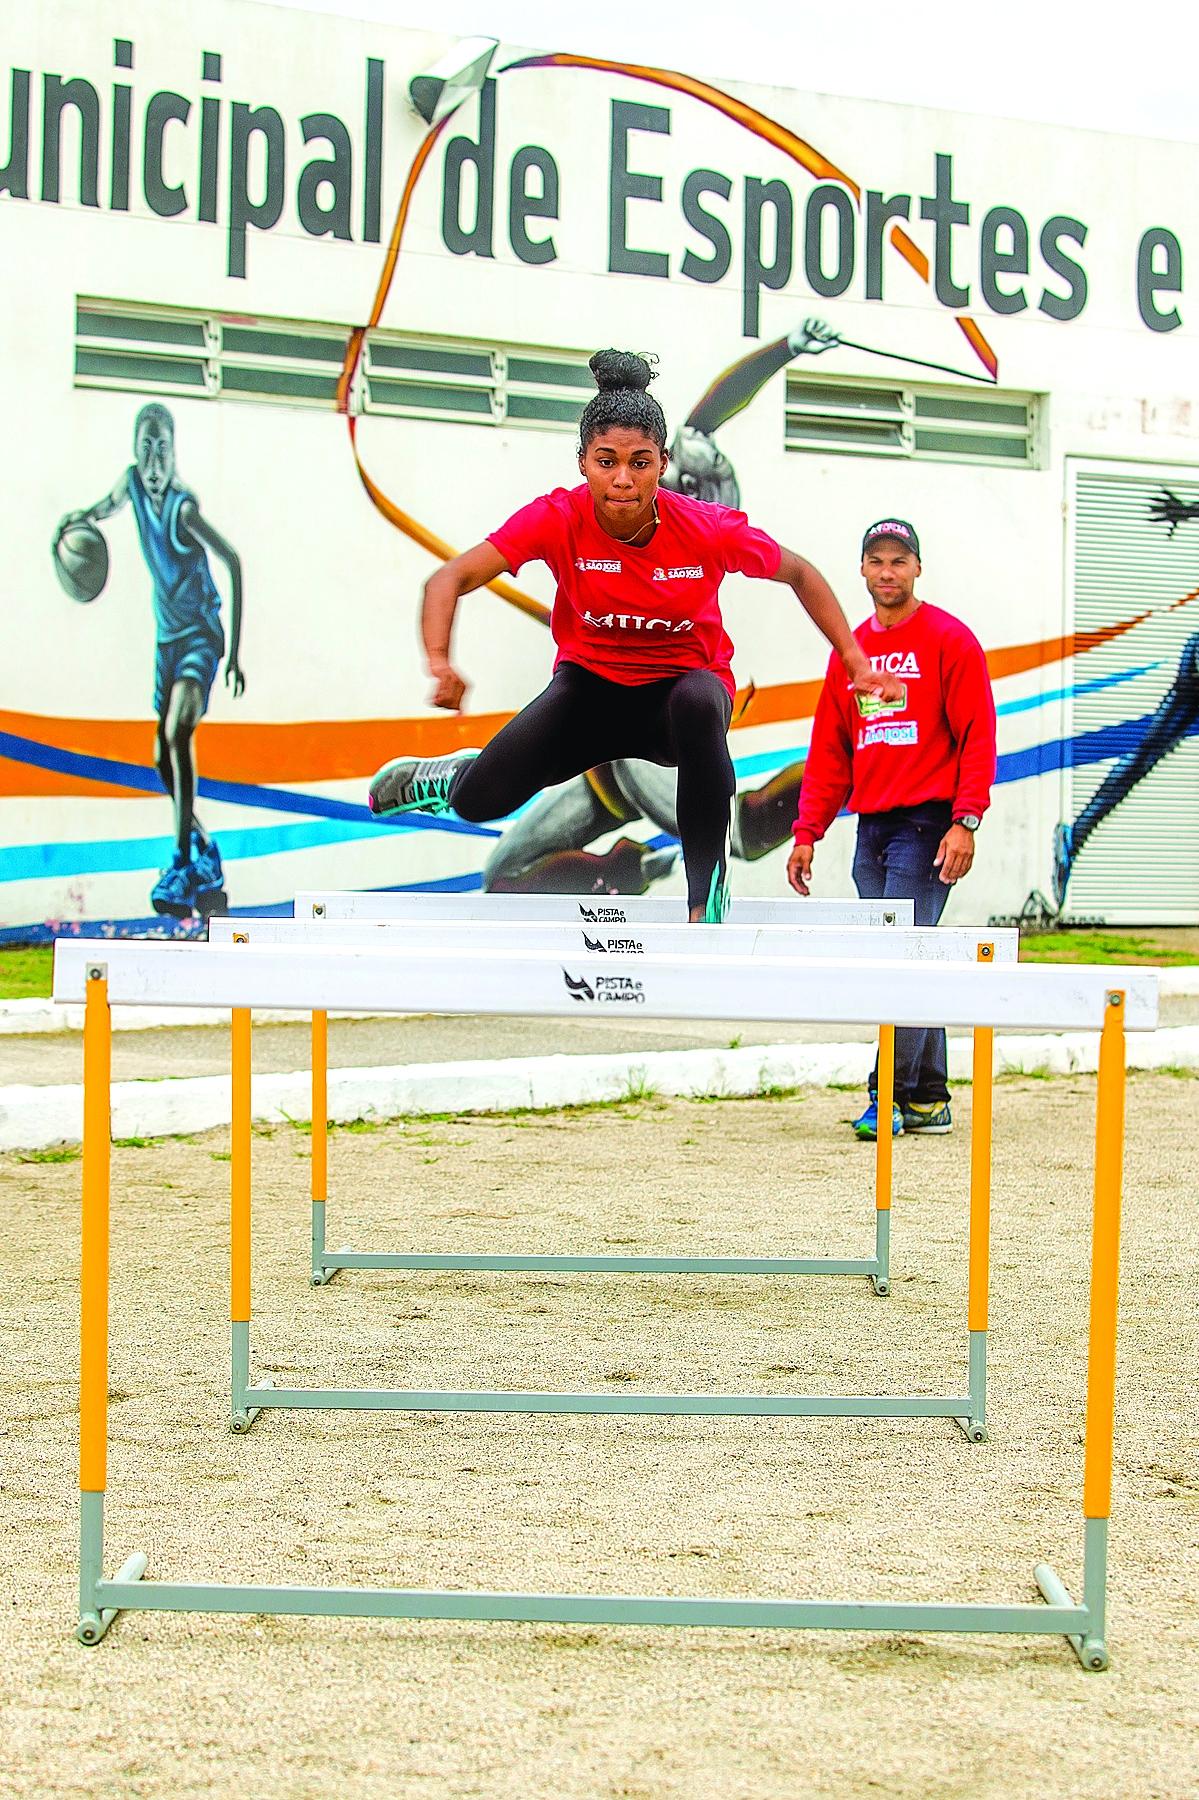 Micaela, de 1 7 anos, é uma das promessas da equipe de São José para Tóquio 2020 - Flávio Tin/ND